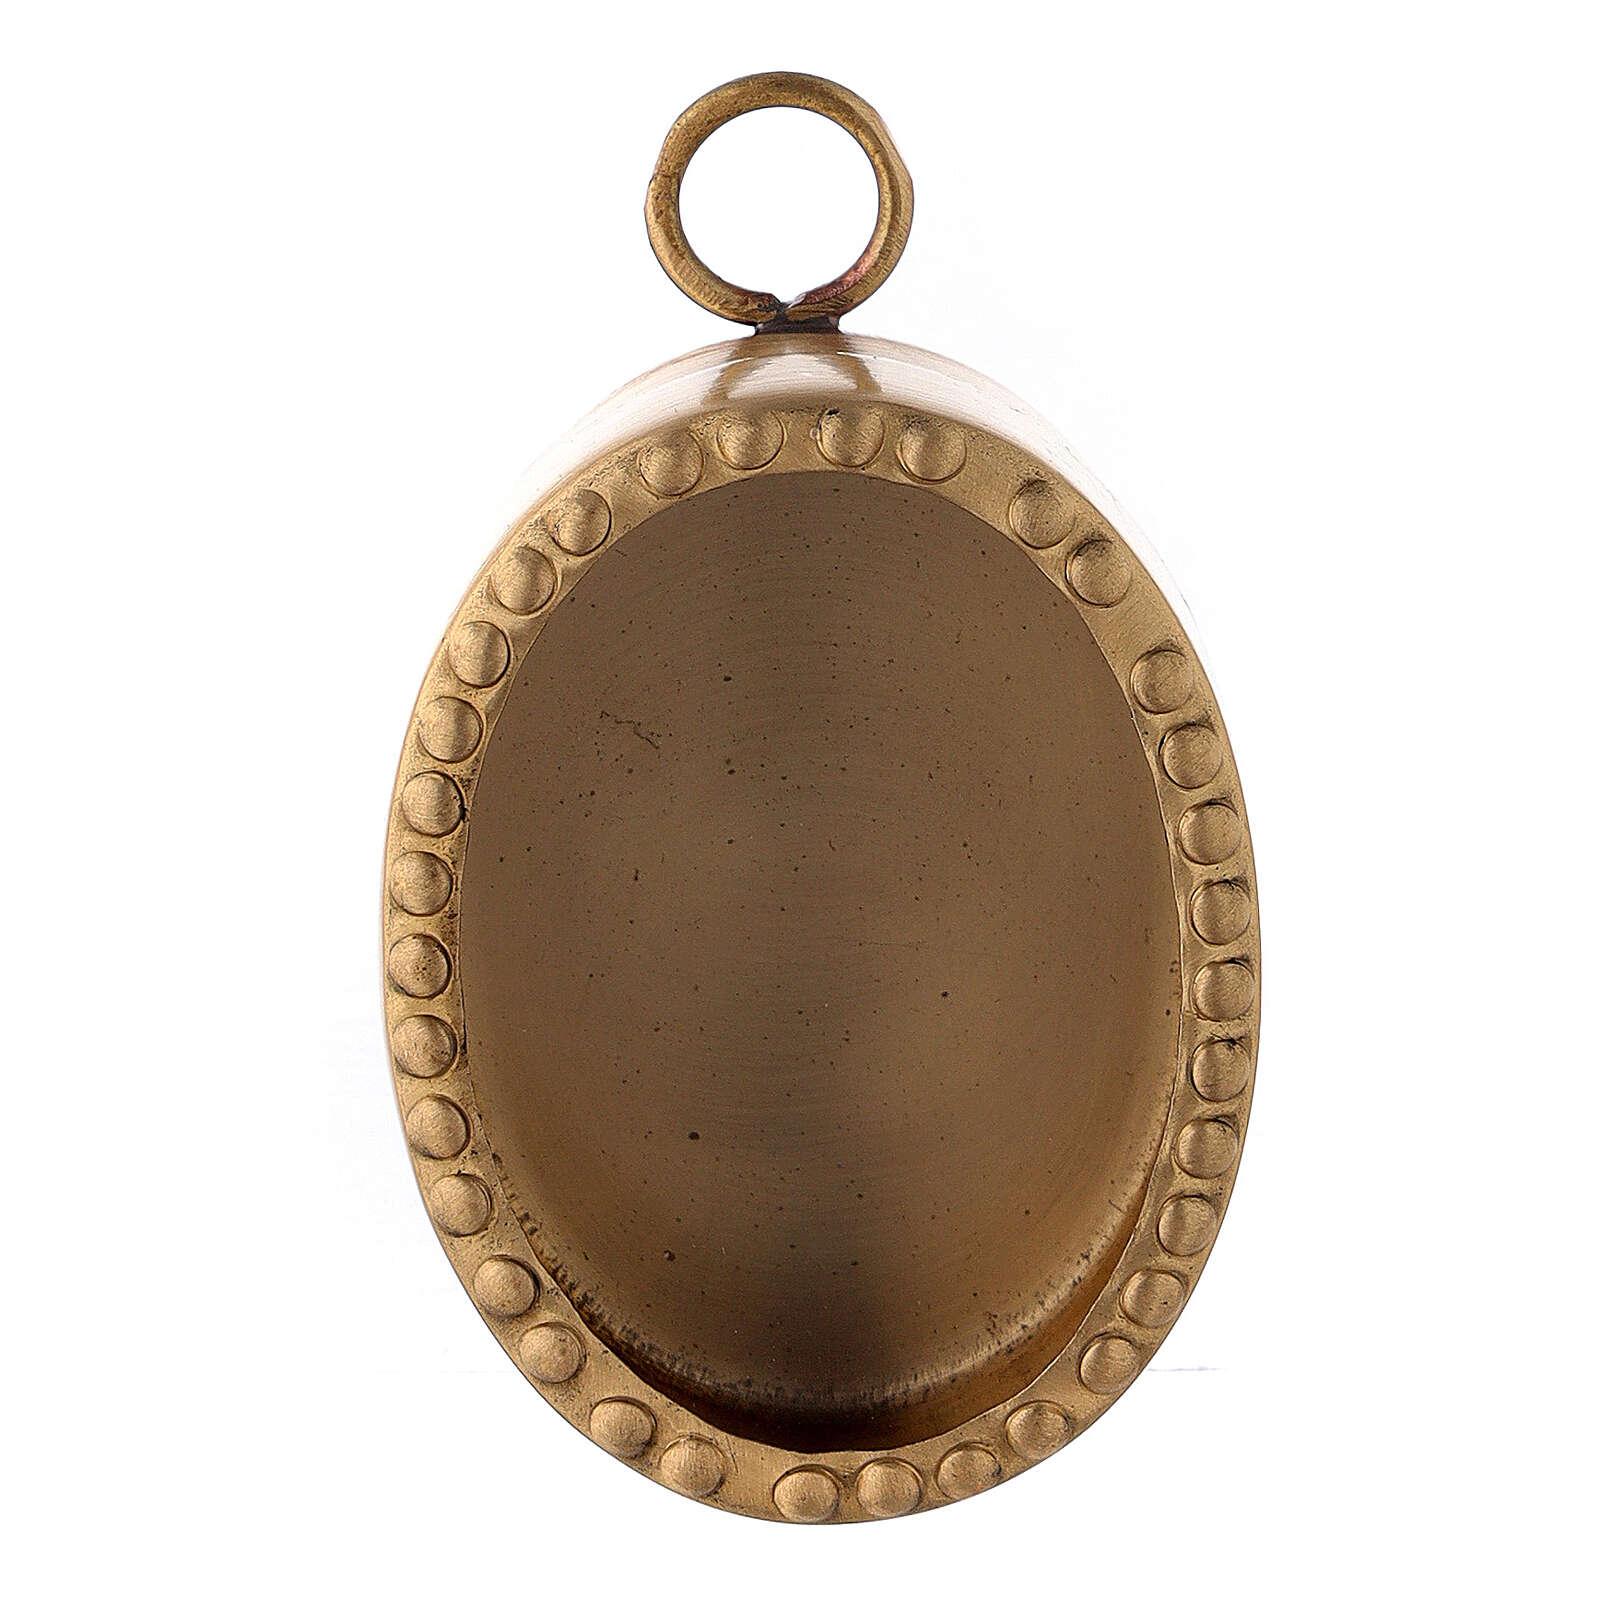 Reliquiario da parete ovale perline ottone dorato 6 cm 4